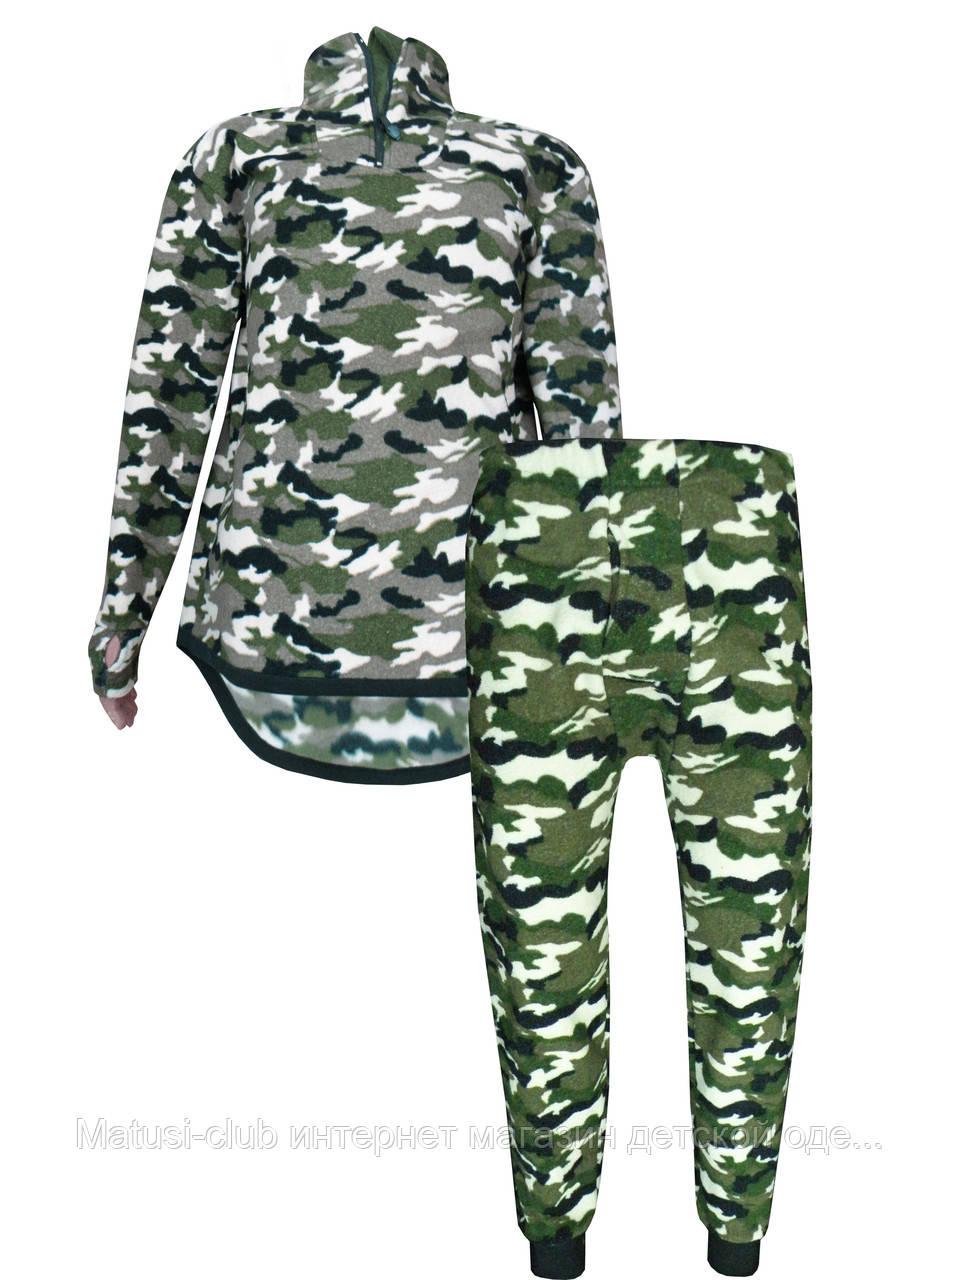 Теплое нательное белье мужское флис  189KAY-комплект +ширинка,в наличии камуфляж 170 и 190 рост - Matusi-club интернет магазин детской одежды в Киеве